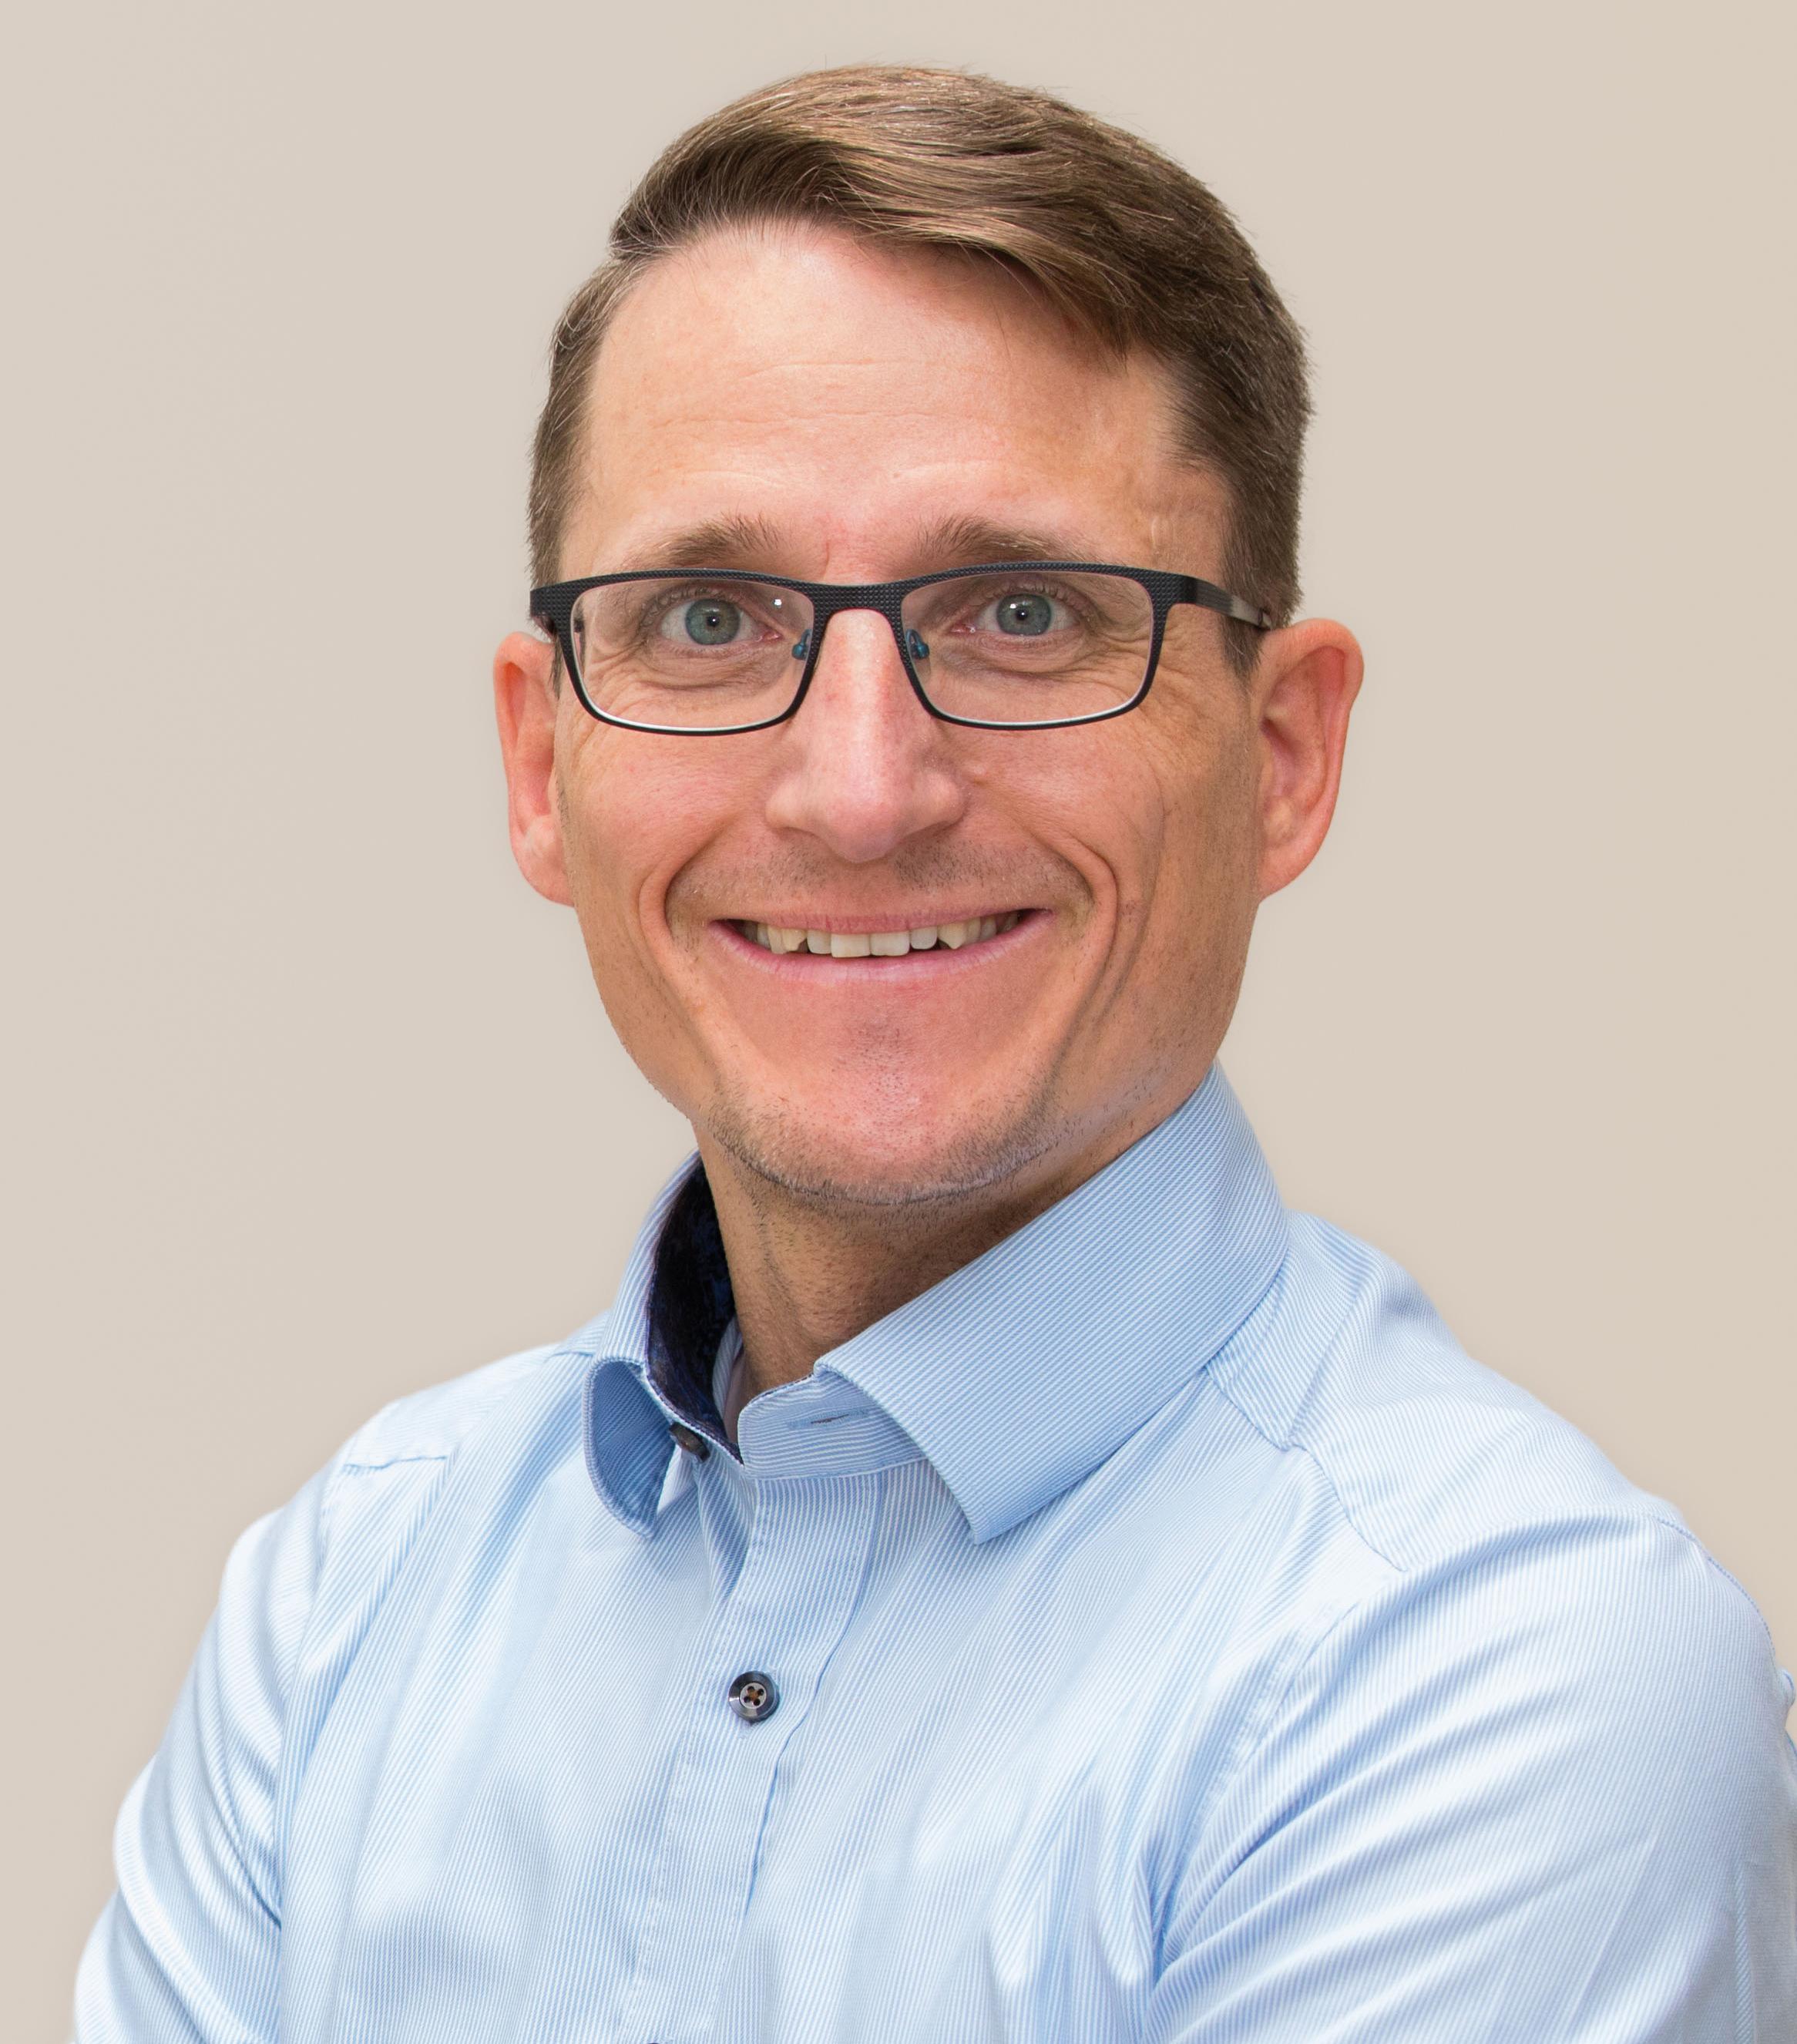 Tilo Rosenberger-Süß ist Leiter Unternehmenskommunikation bei Infraserv Gendorf